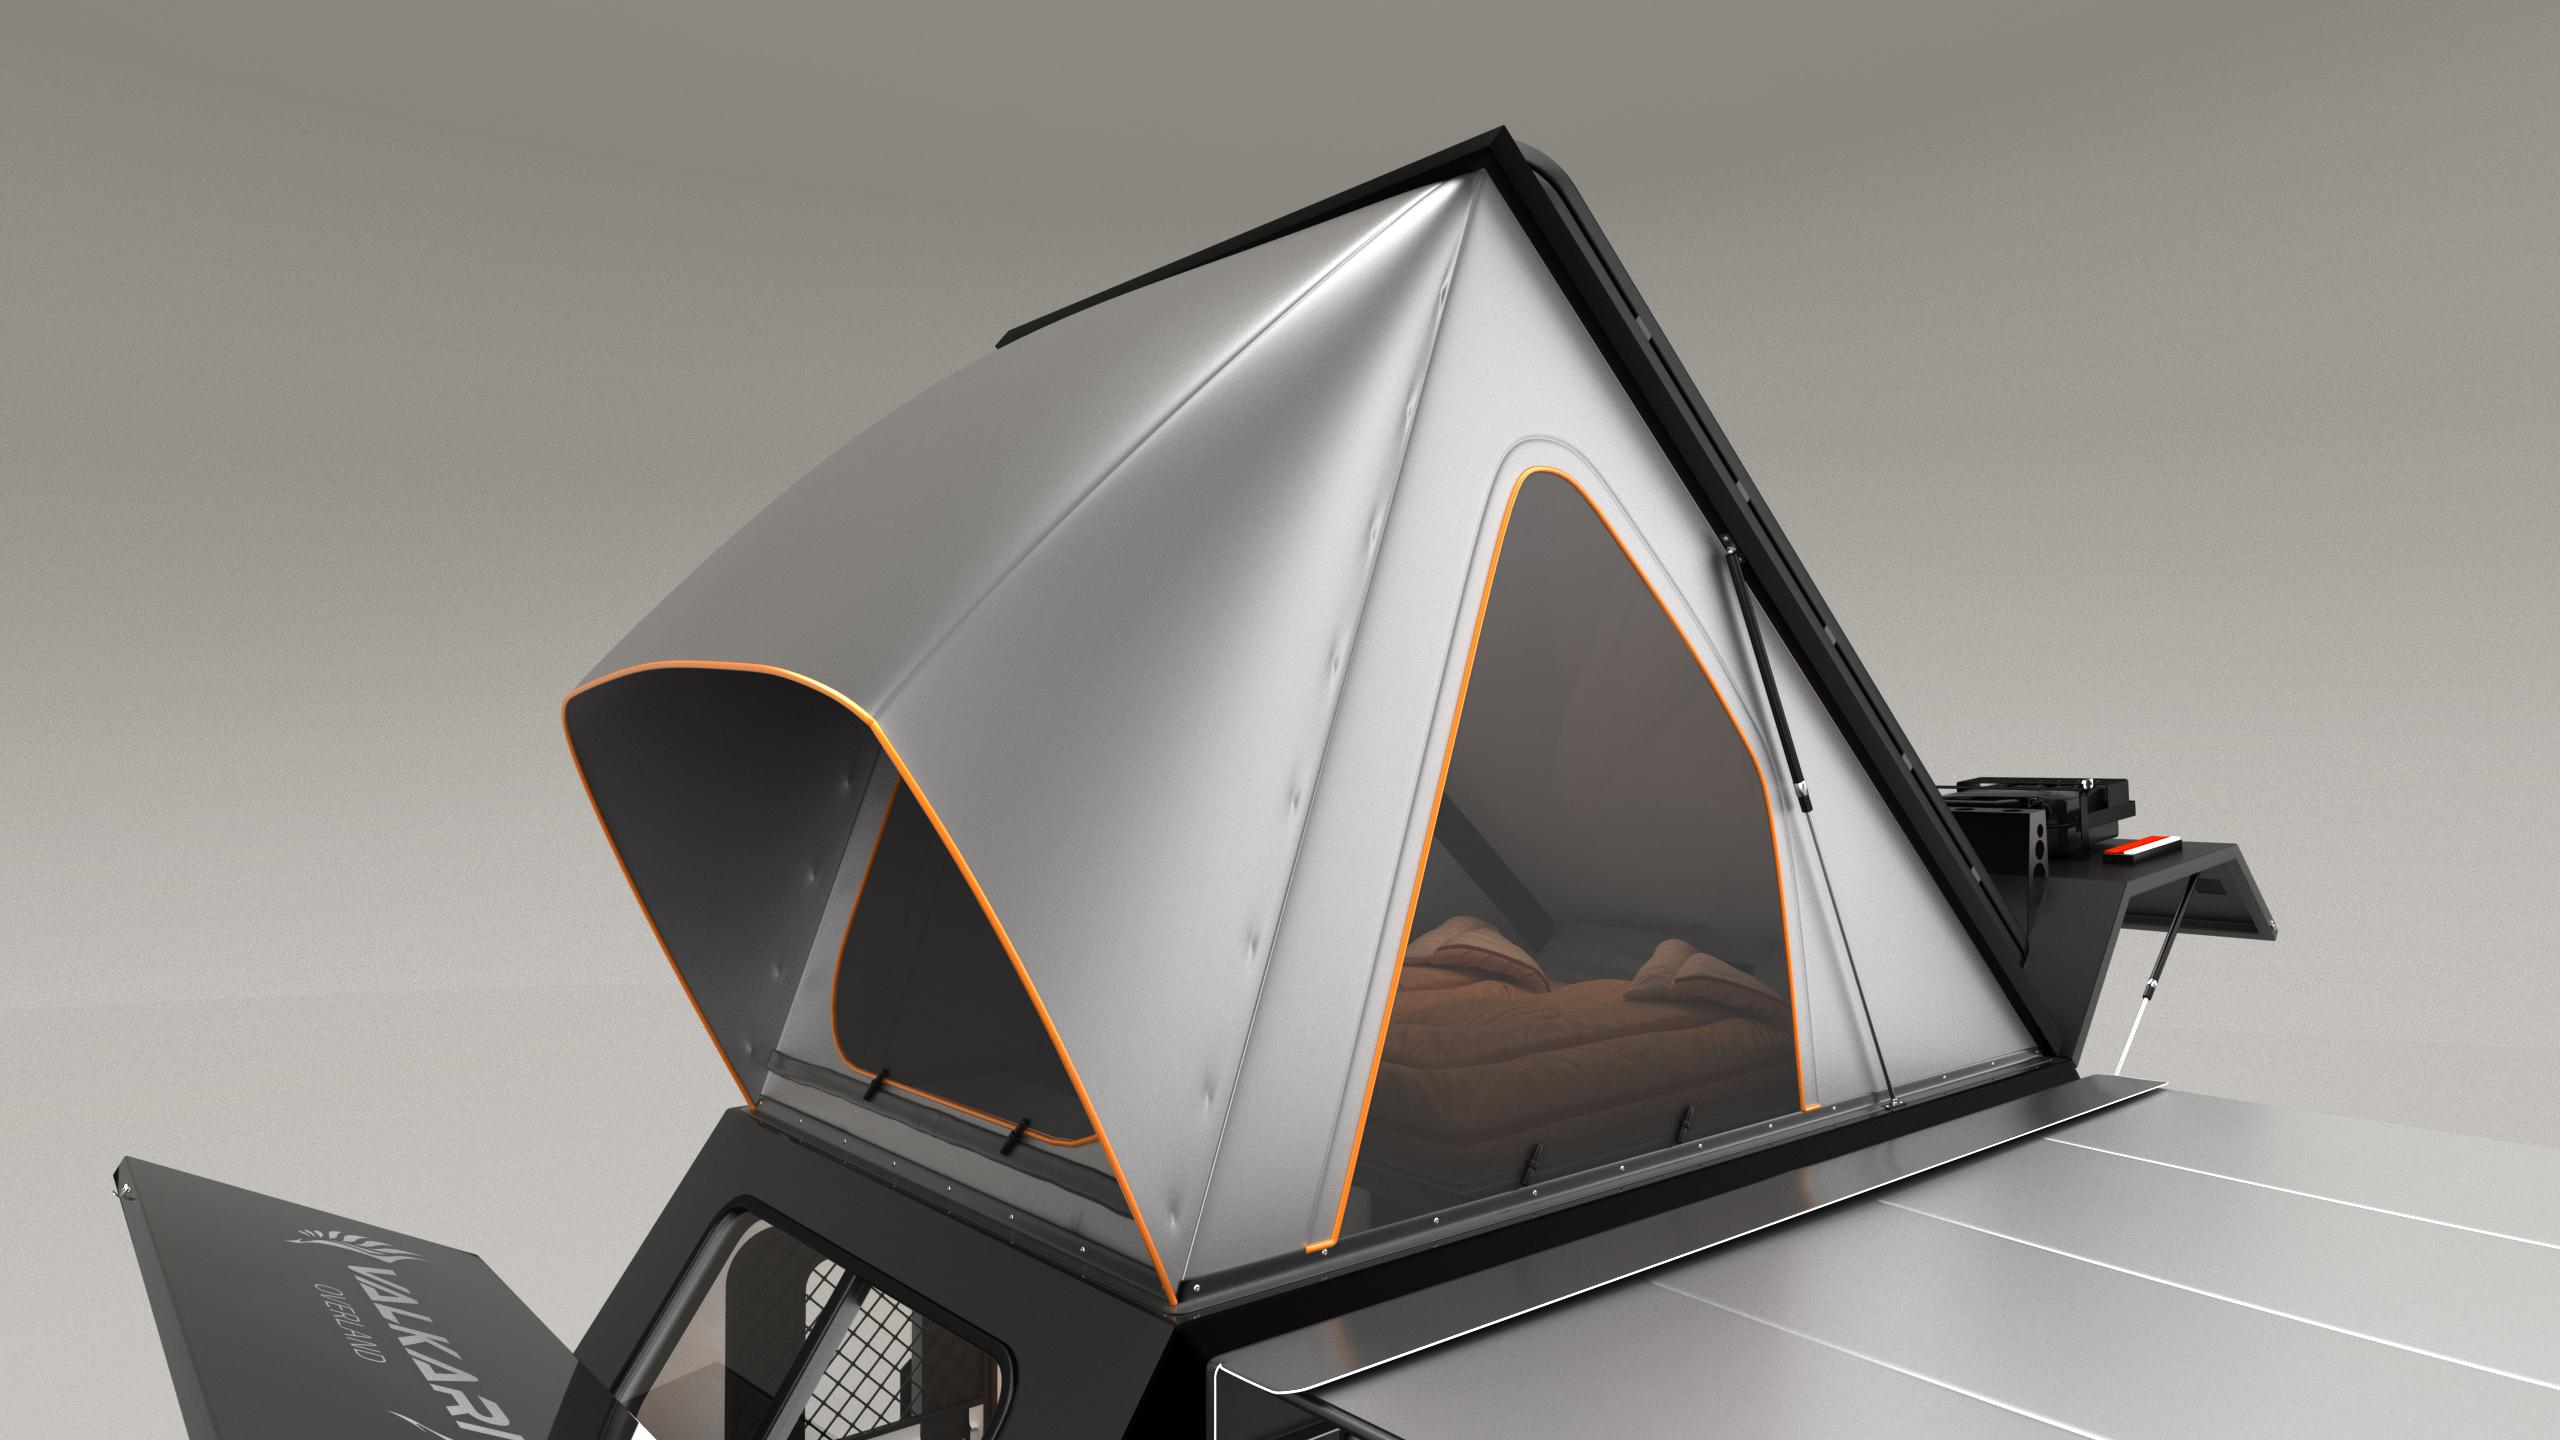 Camera-External-Roof-Top-Tent-Close-Up